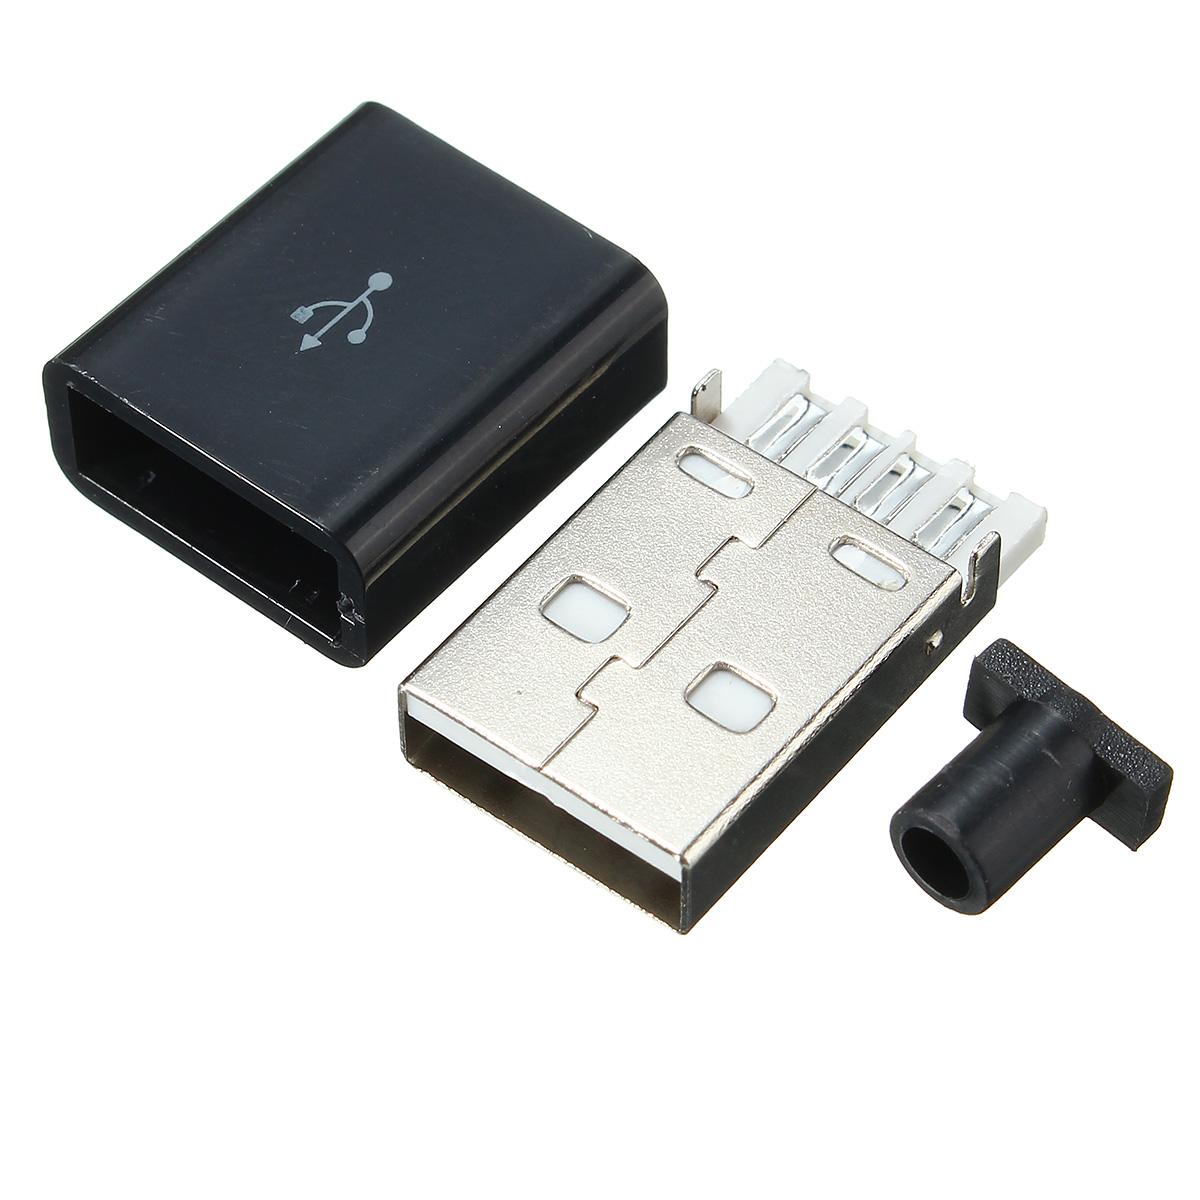 Image of 10 Stücke USB 2.0 Stecker Typ Ein Stecker 4-poliger Stecker Adapter Lötverbinder Mit Schwarzer Kunststoffabdeckung